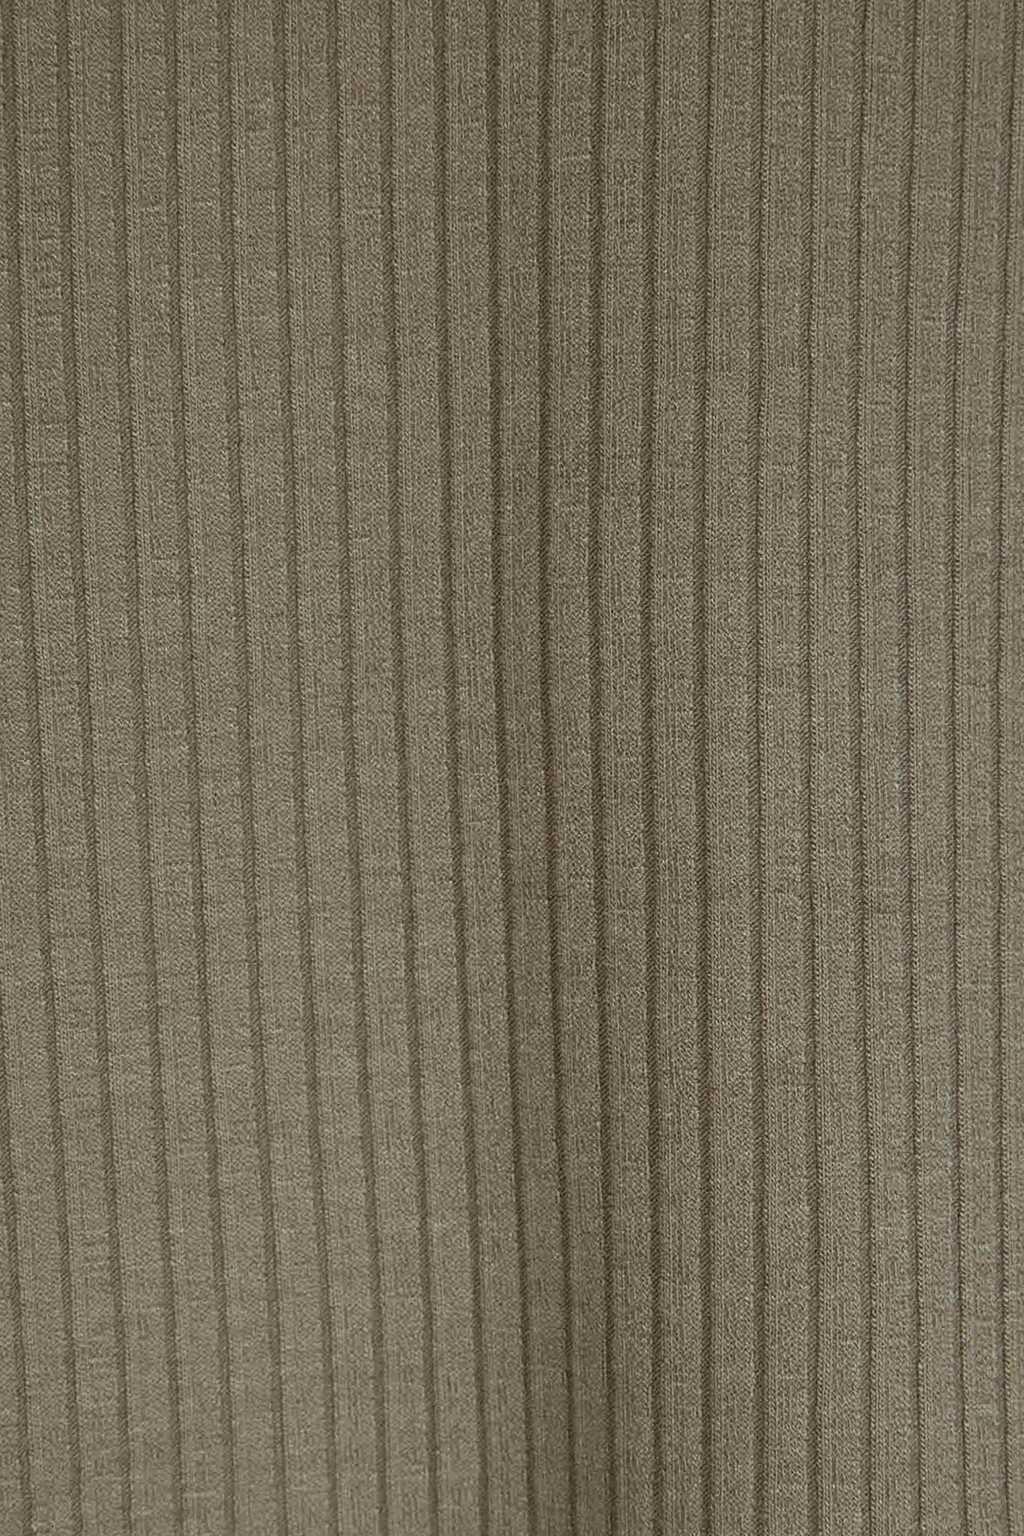 TShirt H463 Olive 10